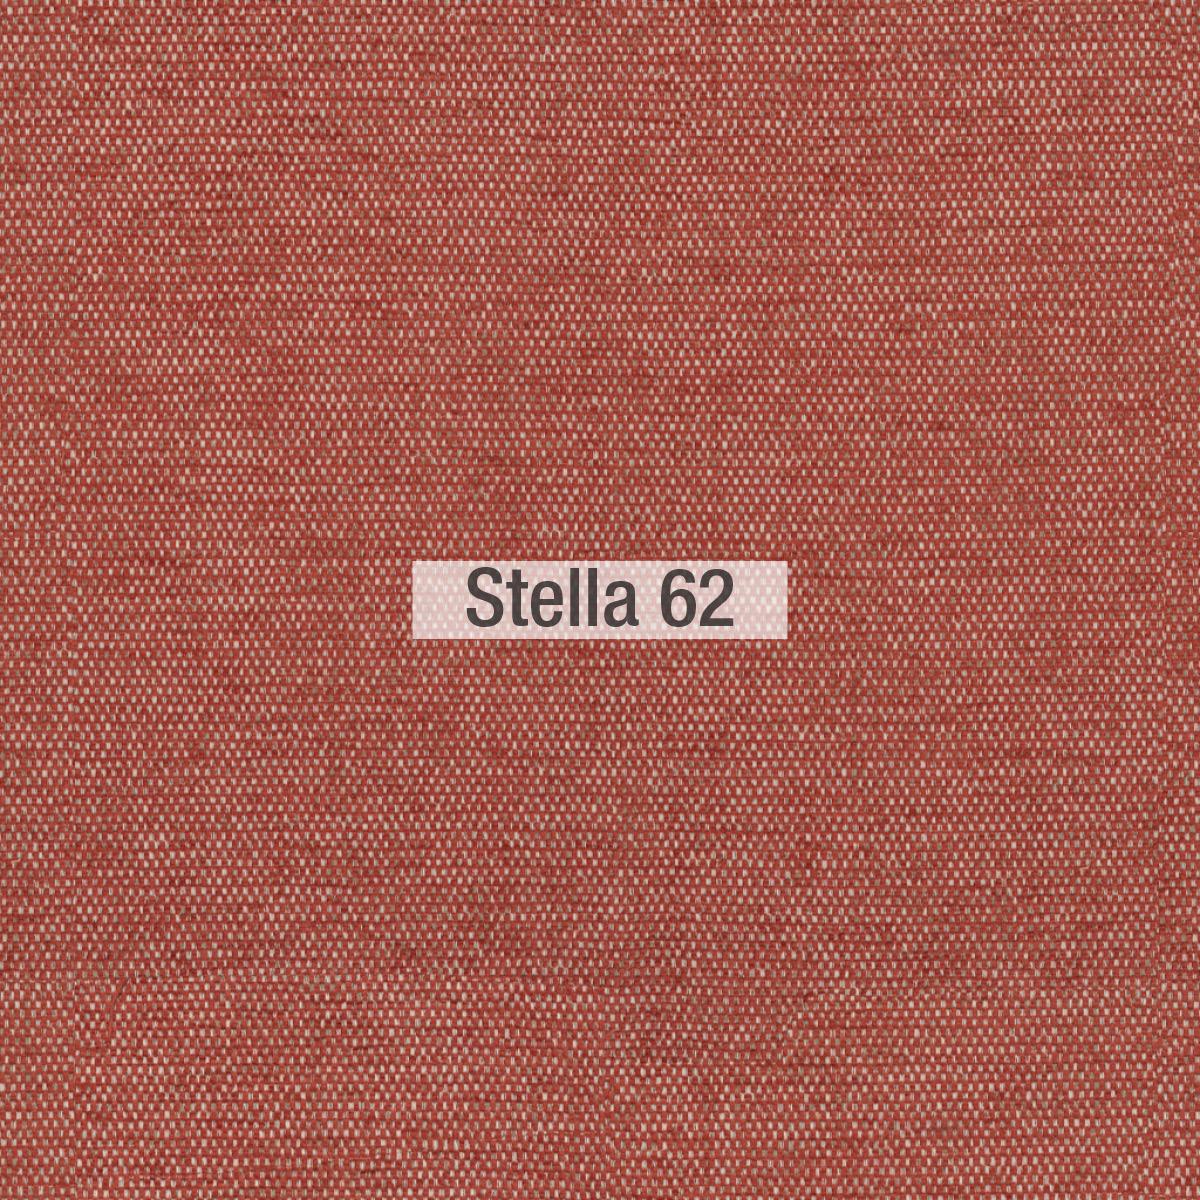 Colores Stella-Dots tela Fama 2020 11